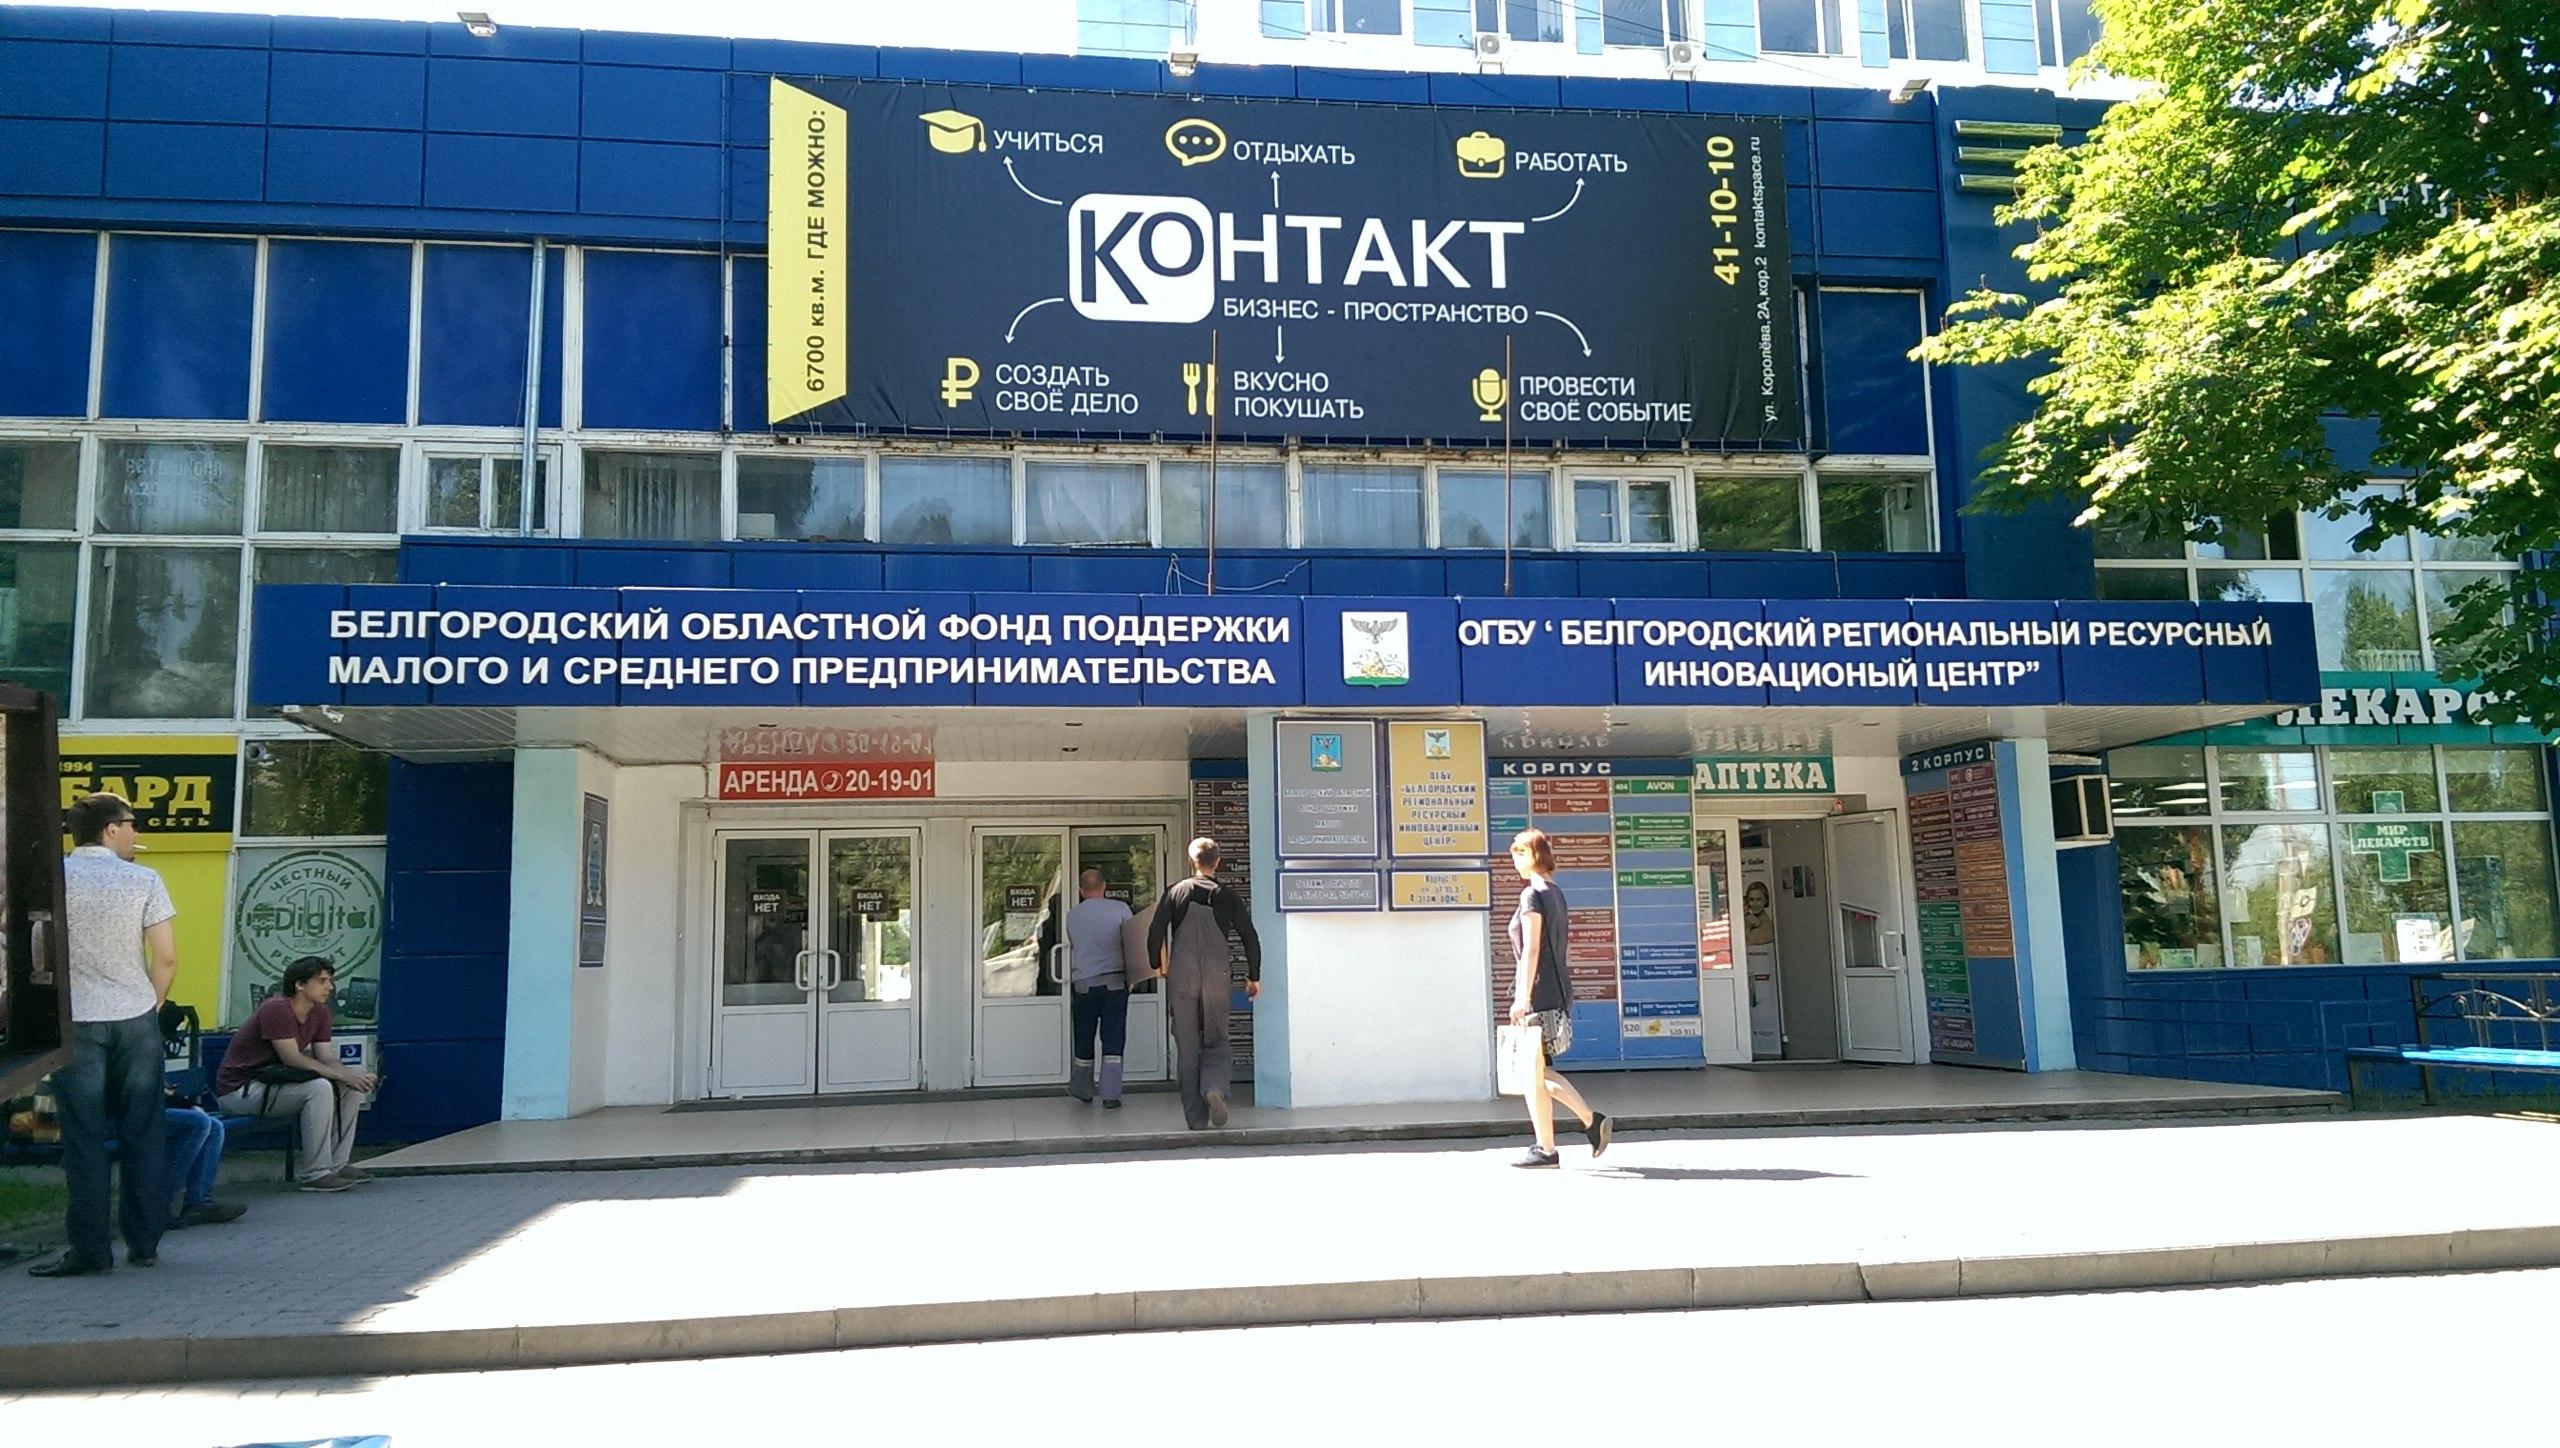 Белгородский областной фонд поддержки малого и среднего предпринимательства, королева 2а